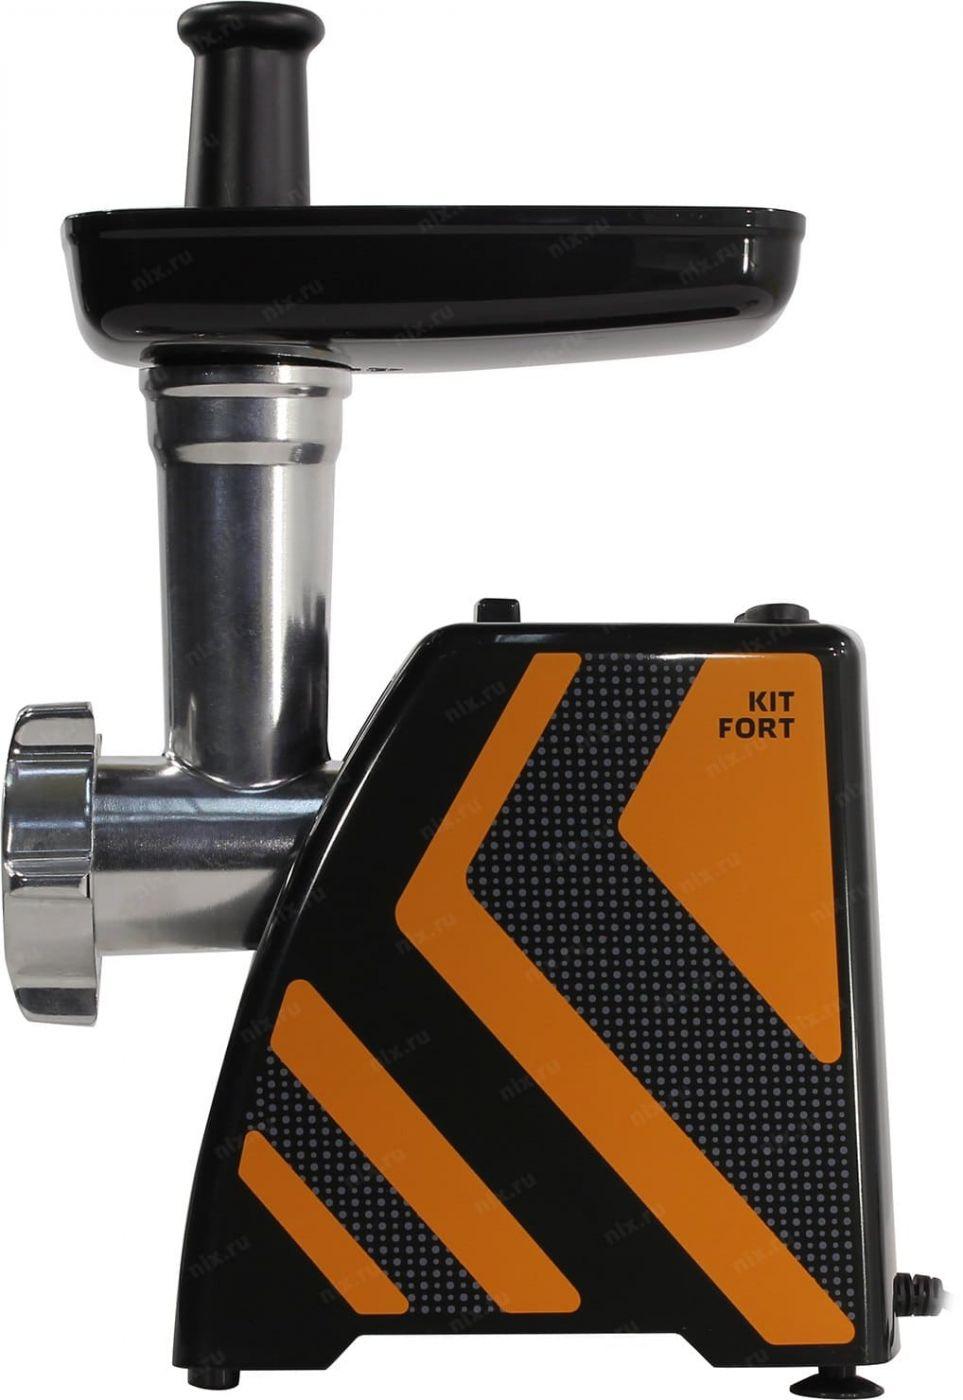 Мясорубка KitFort KT-2101-3 оранжевый